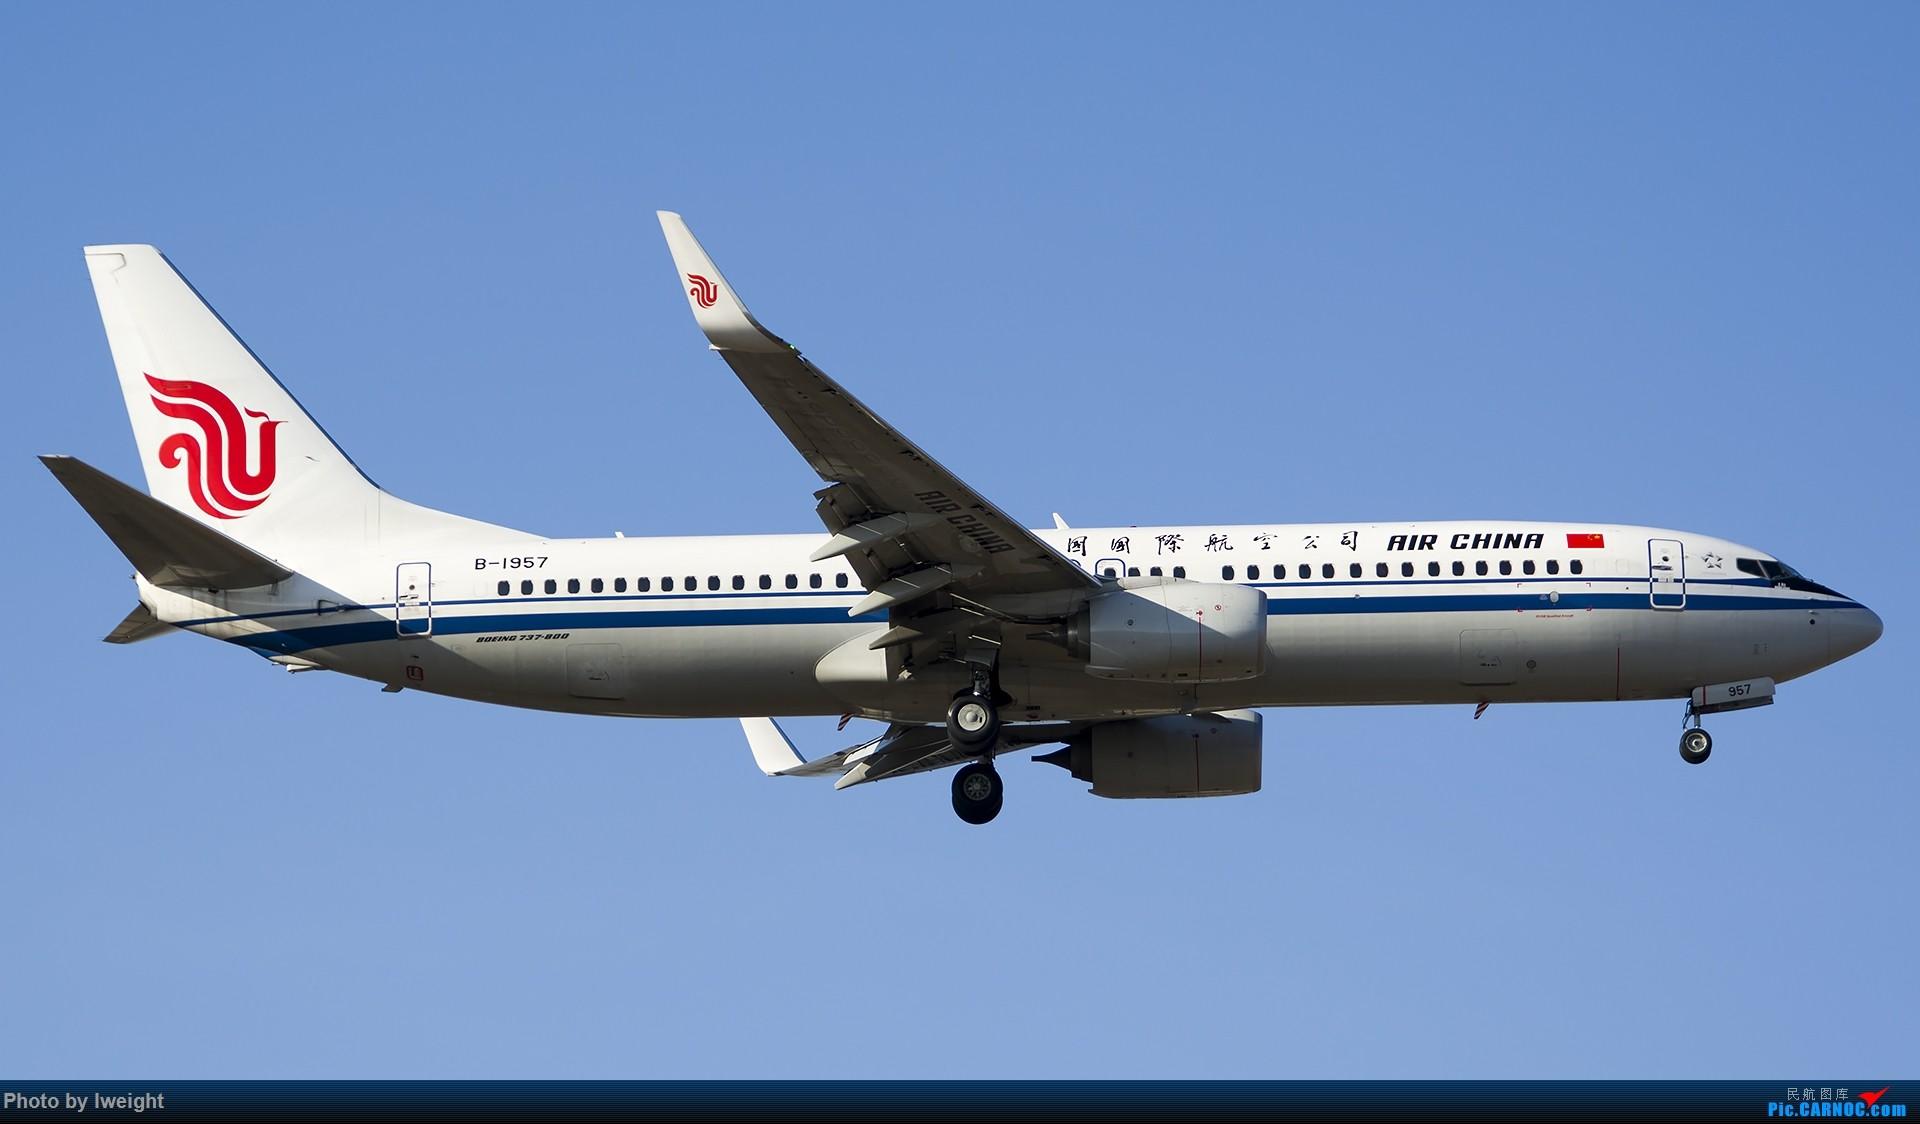 Re:[原创]2014-12-06 PEK天气由好变坏的直接体验 BOEING 737-800 B-1957 中国北京首都国际机场